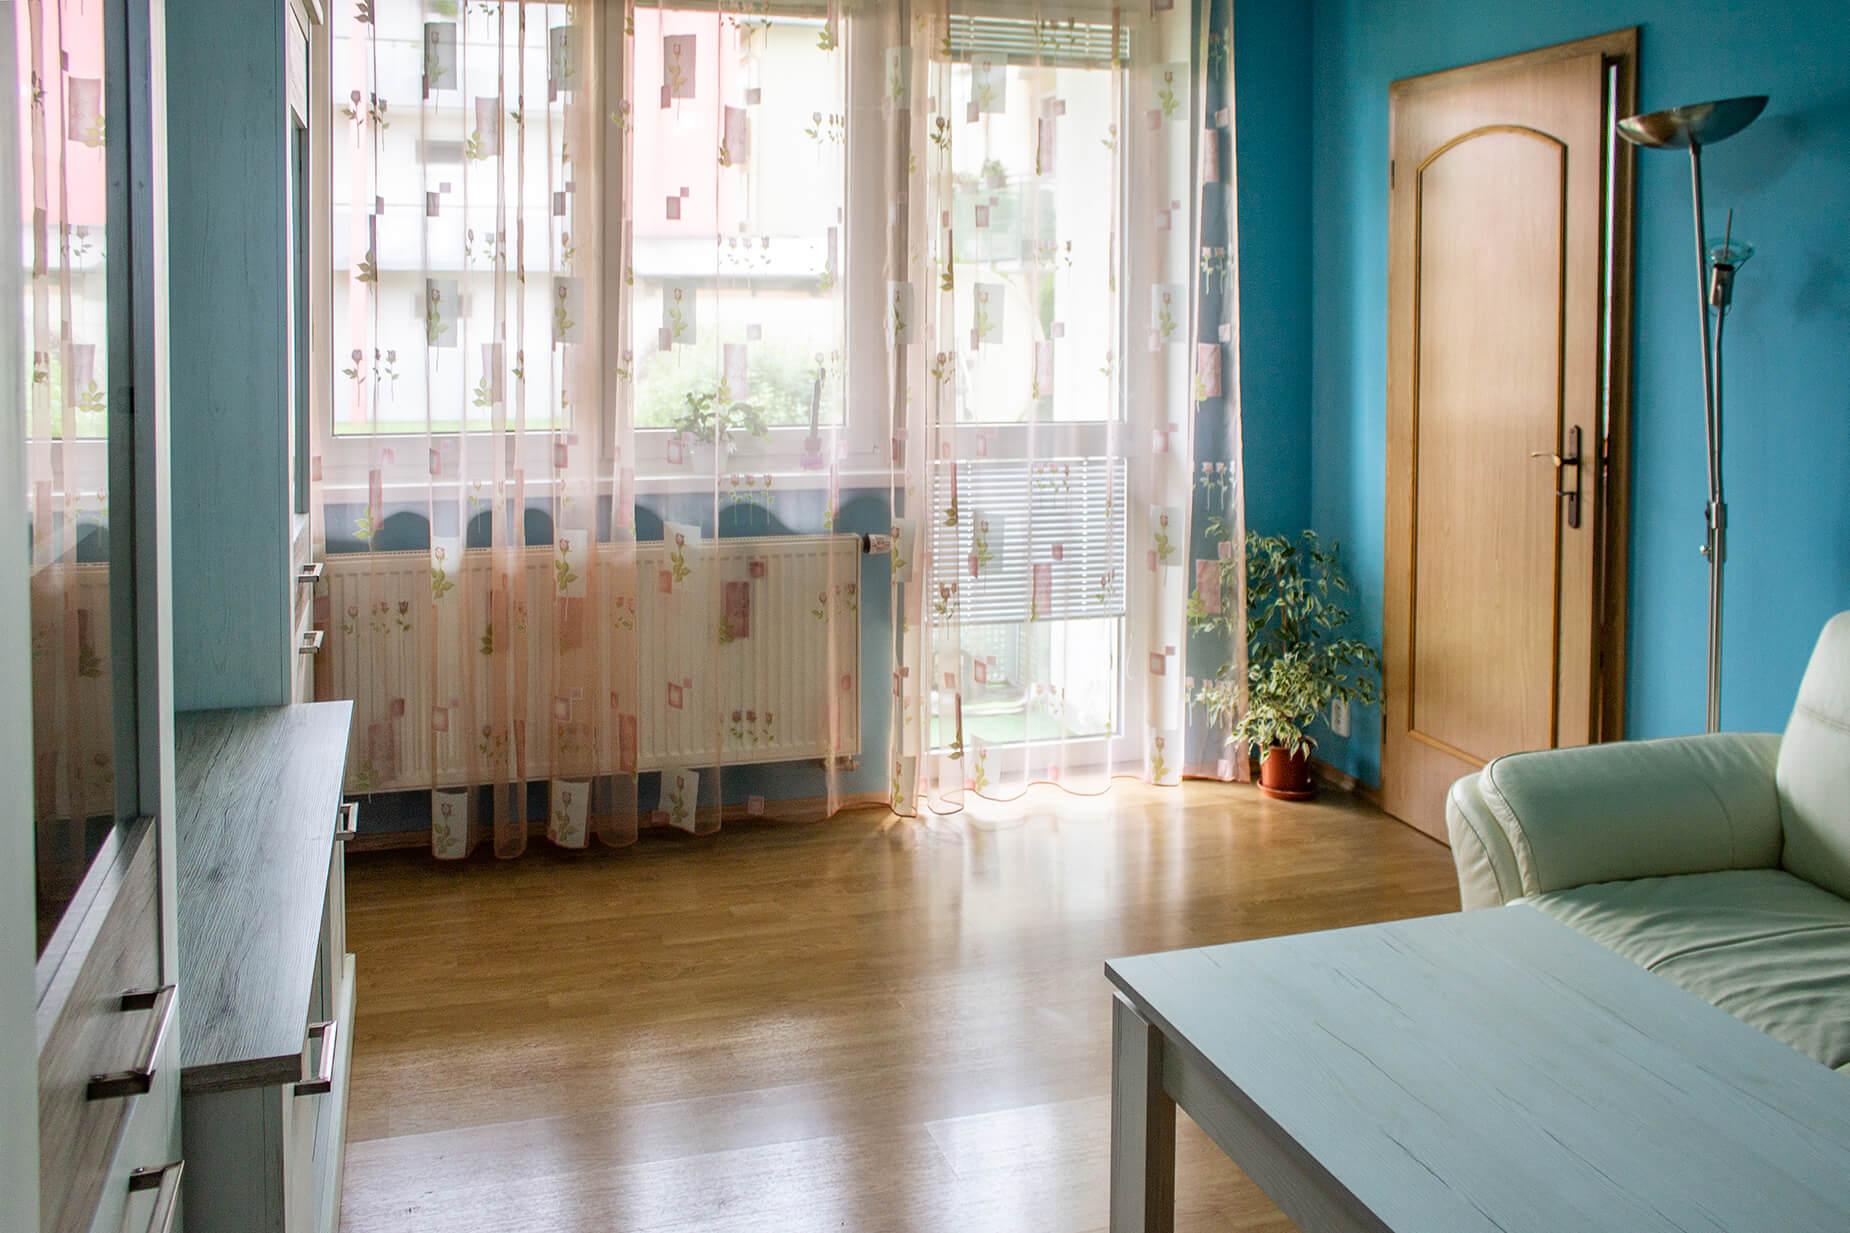 OV 3+1 Žebětín, c.p. 79 m², cihla, lodžie, parkovací stání